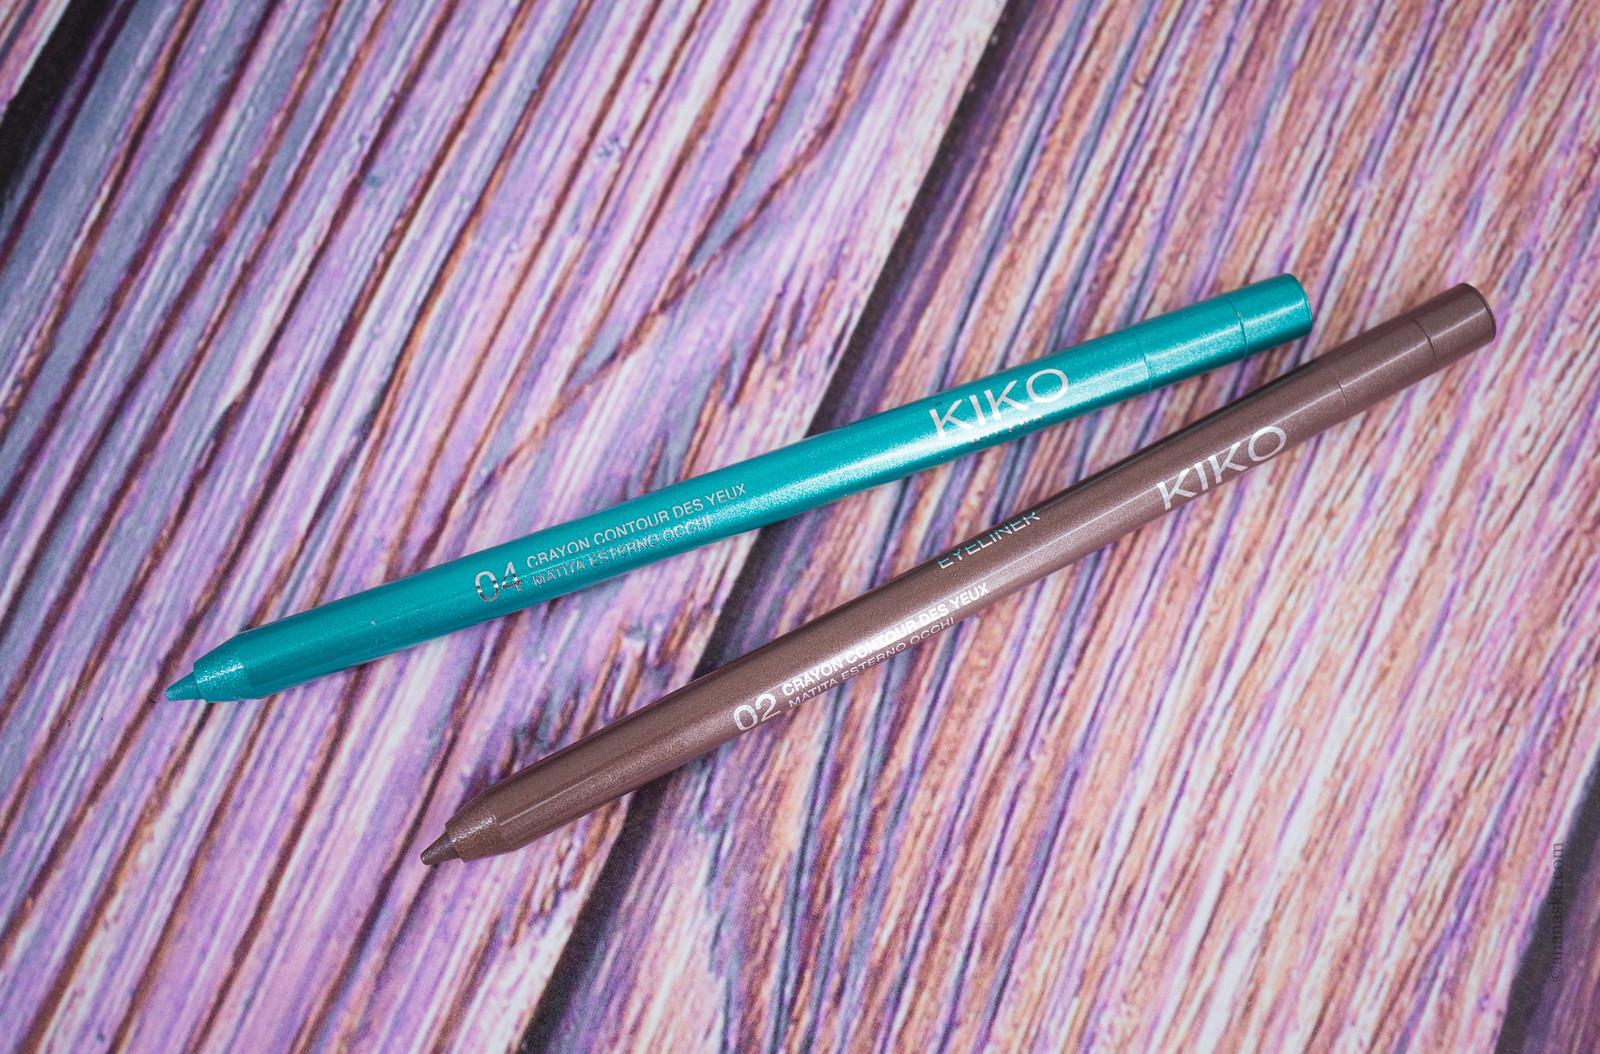 Kiko Milano Multicolour Glitter Eyeliner 02 Silent Taupe, 04 Lagoon Turquoise